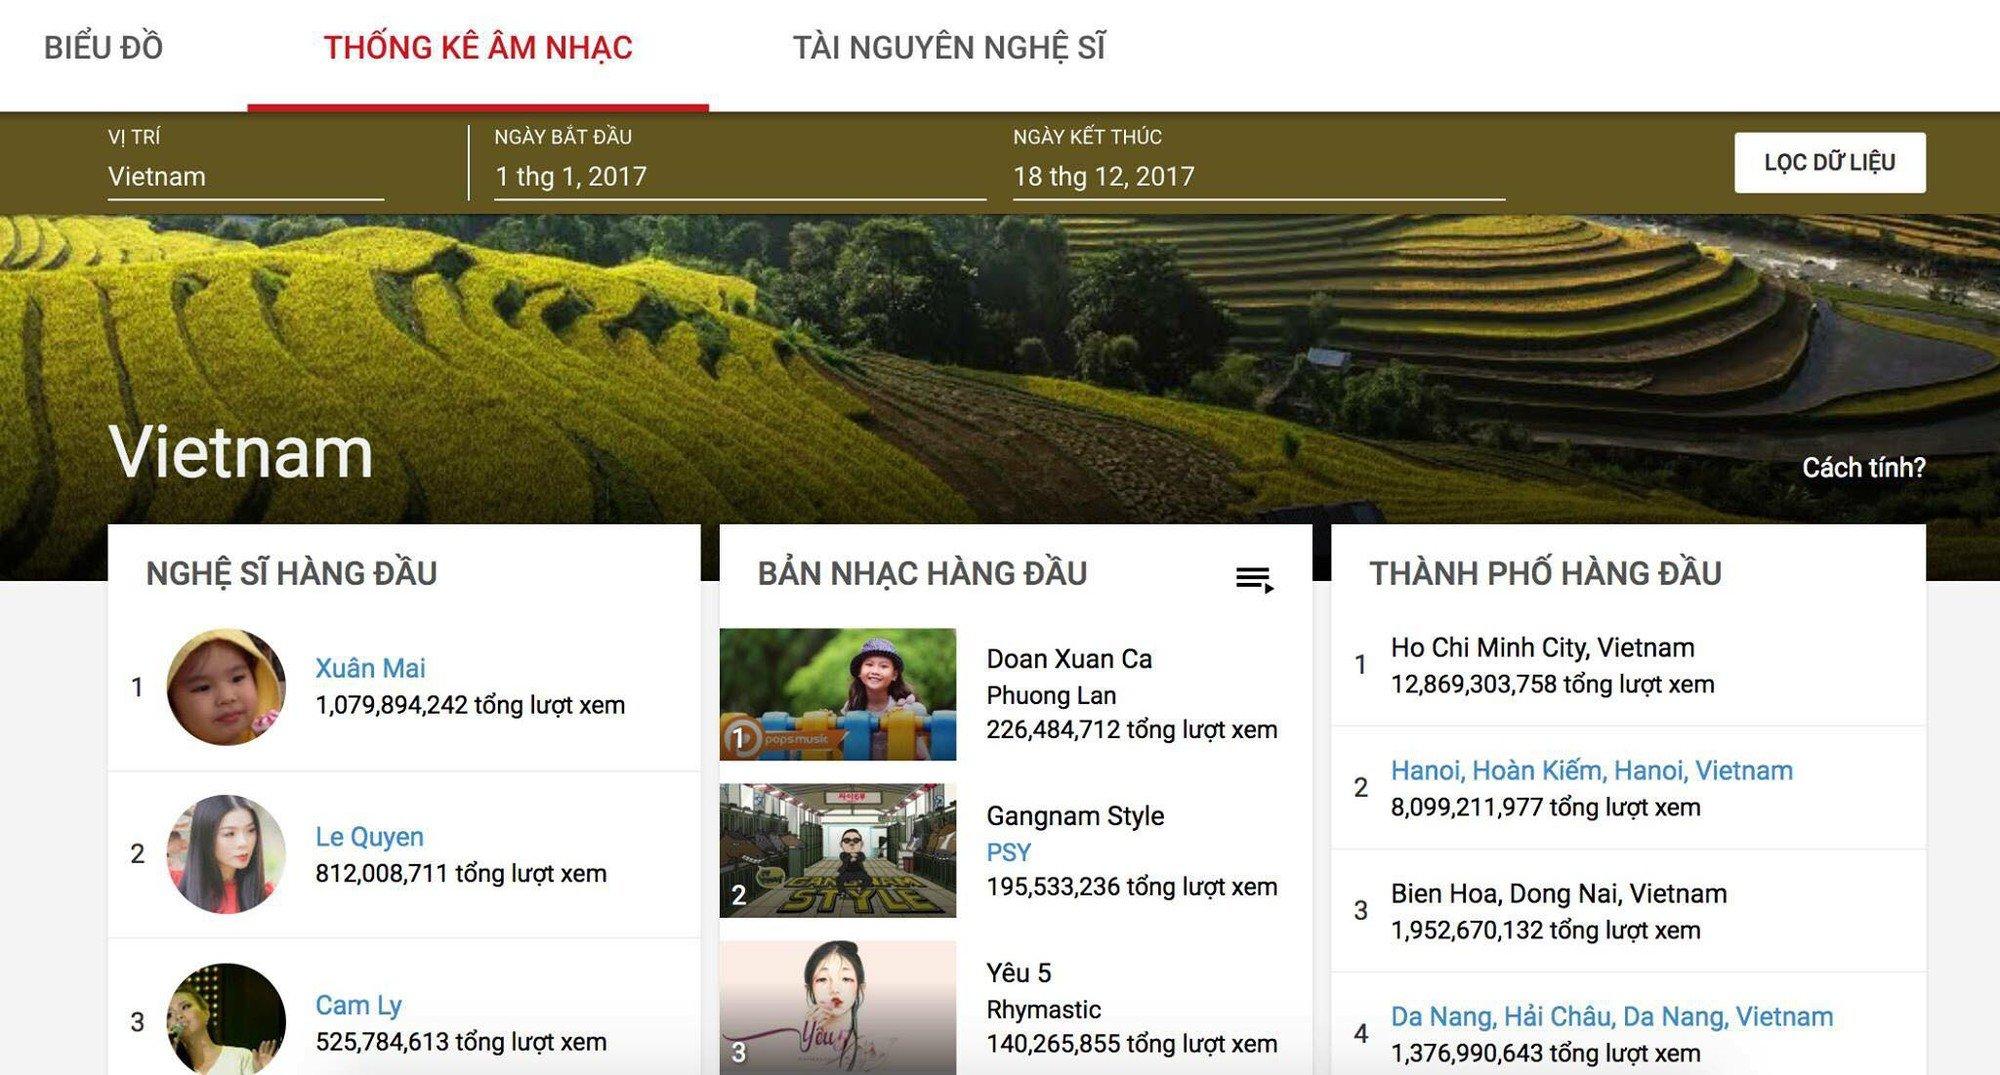 Vuot Son Tung M-TP va hang loat sao Viet, 'be' Xuan Mai dan dau tim kiem Google hinh anh 1